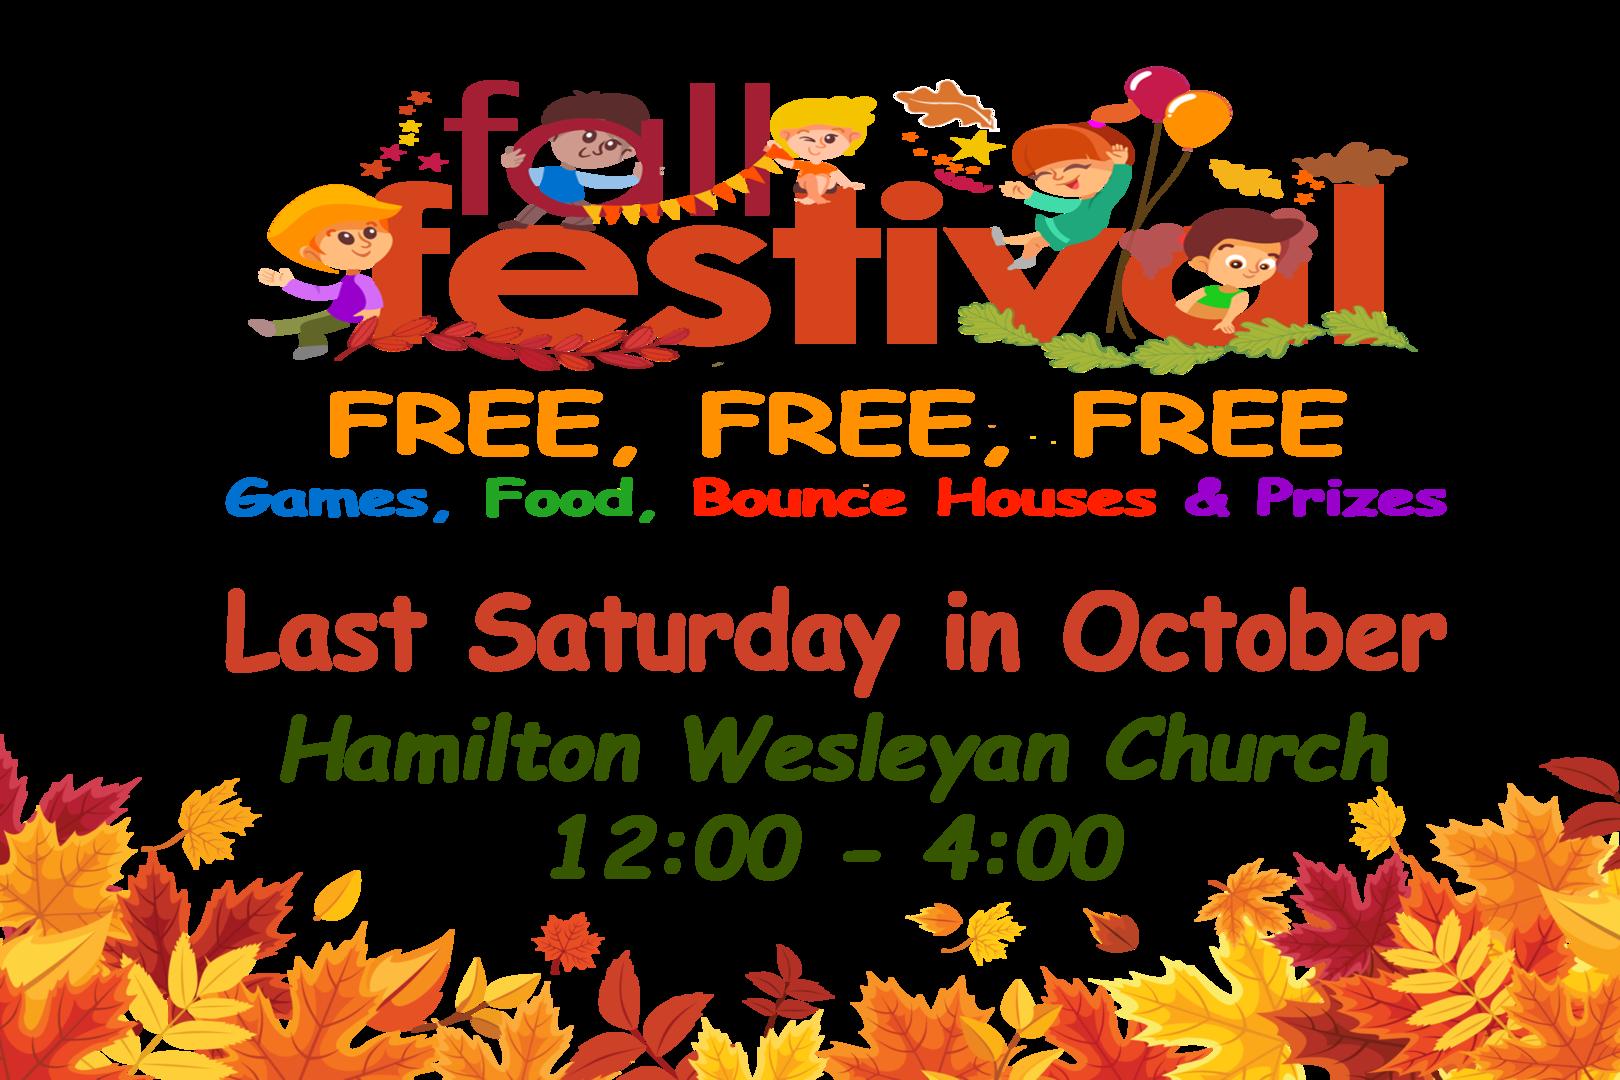 Hamilton Wesleyan Church Fall Fest 2021